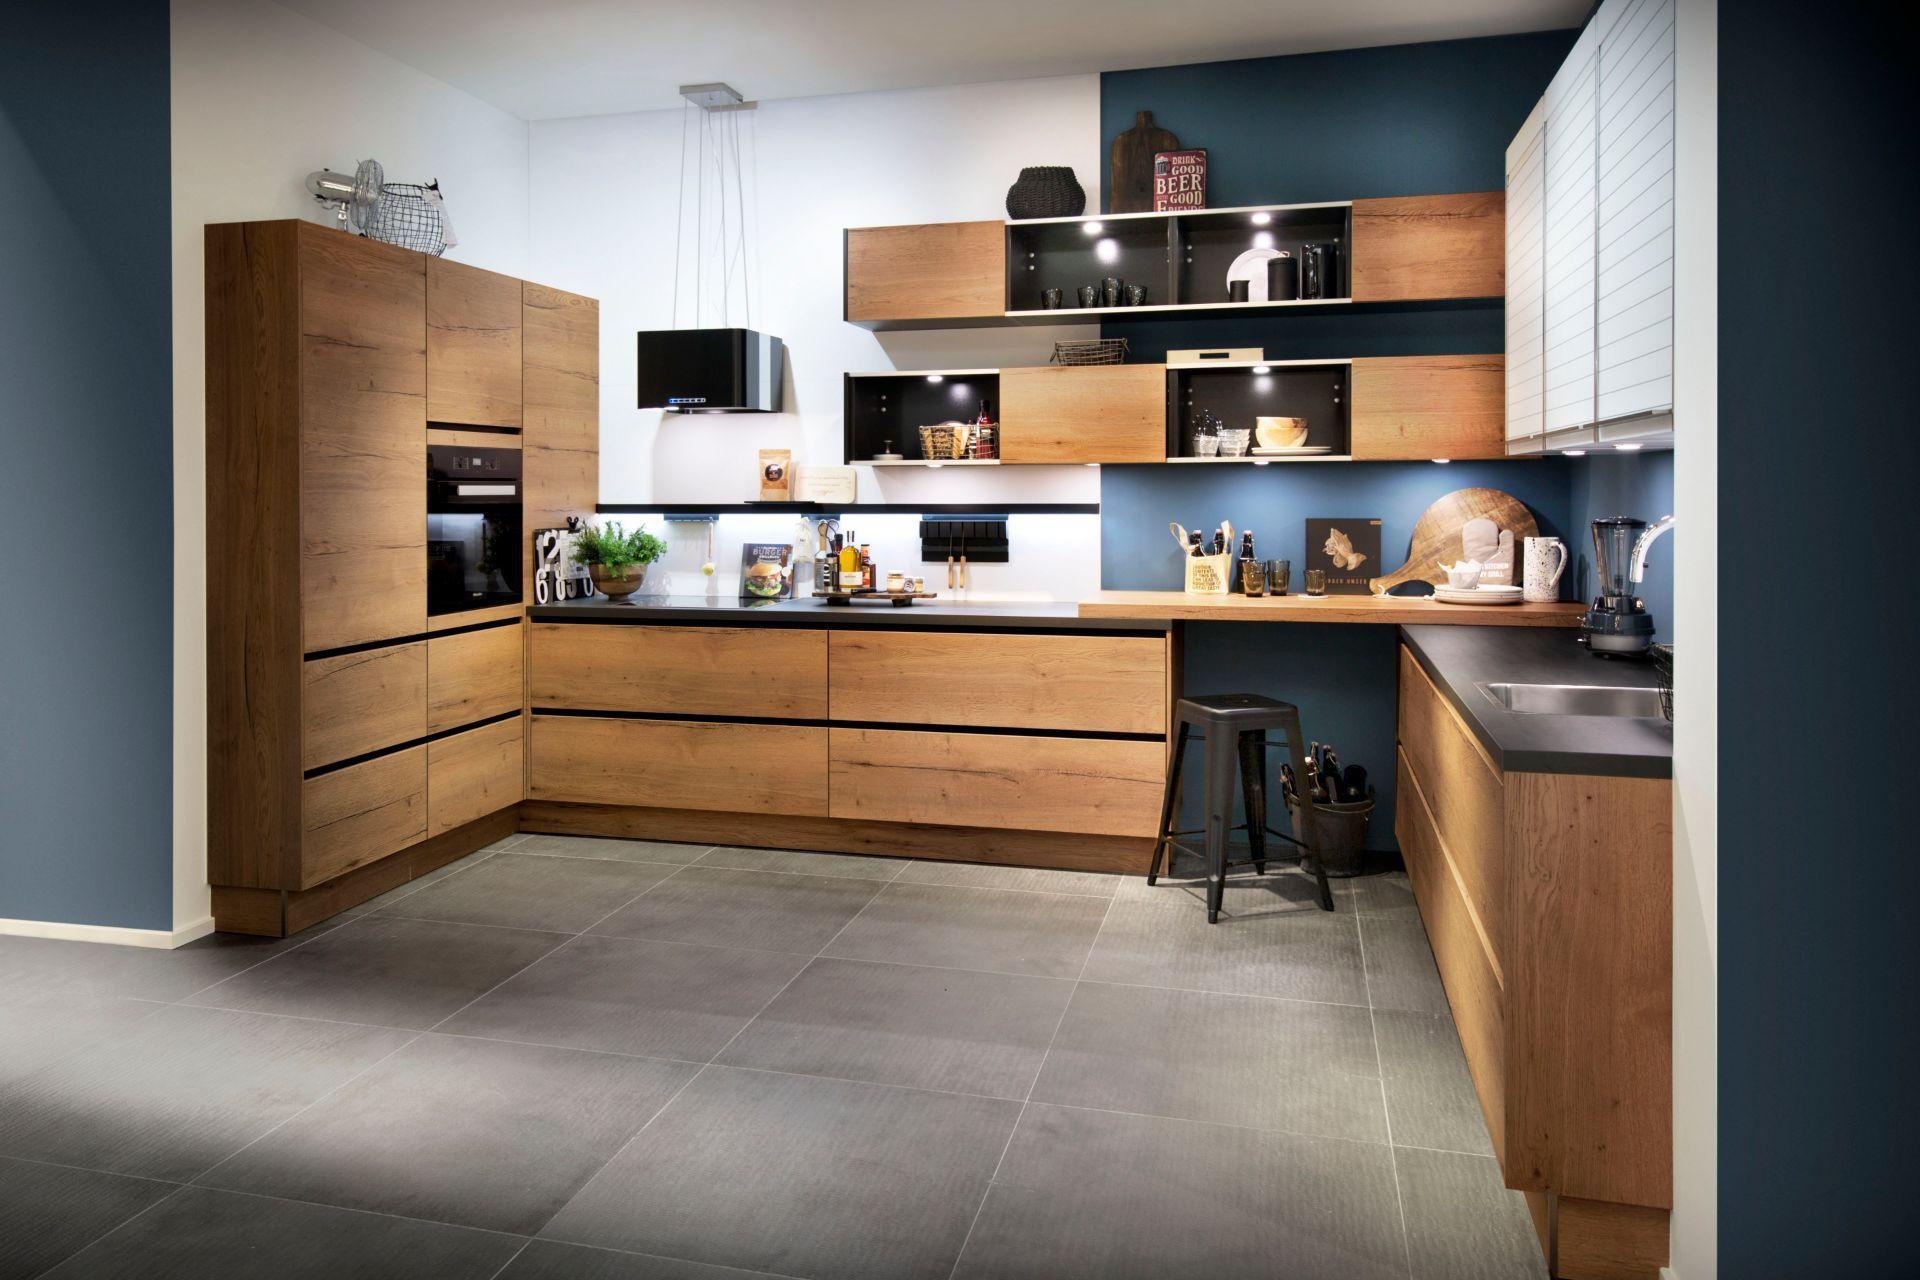 Bij Deze Keuken Van Het Merk Haecker Is Gewerkt Met Zwarte Greeplijsten Hierdoor Ontstaat Er Een Mooie Belijn Houten Keuken Keuken Inspiratie Keuken Ontwerpen